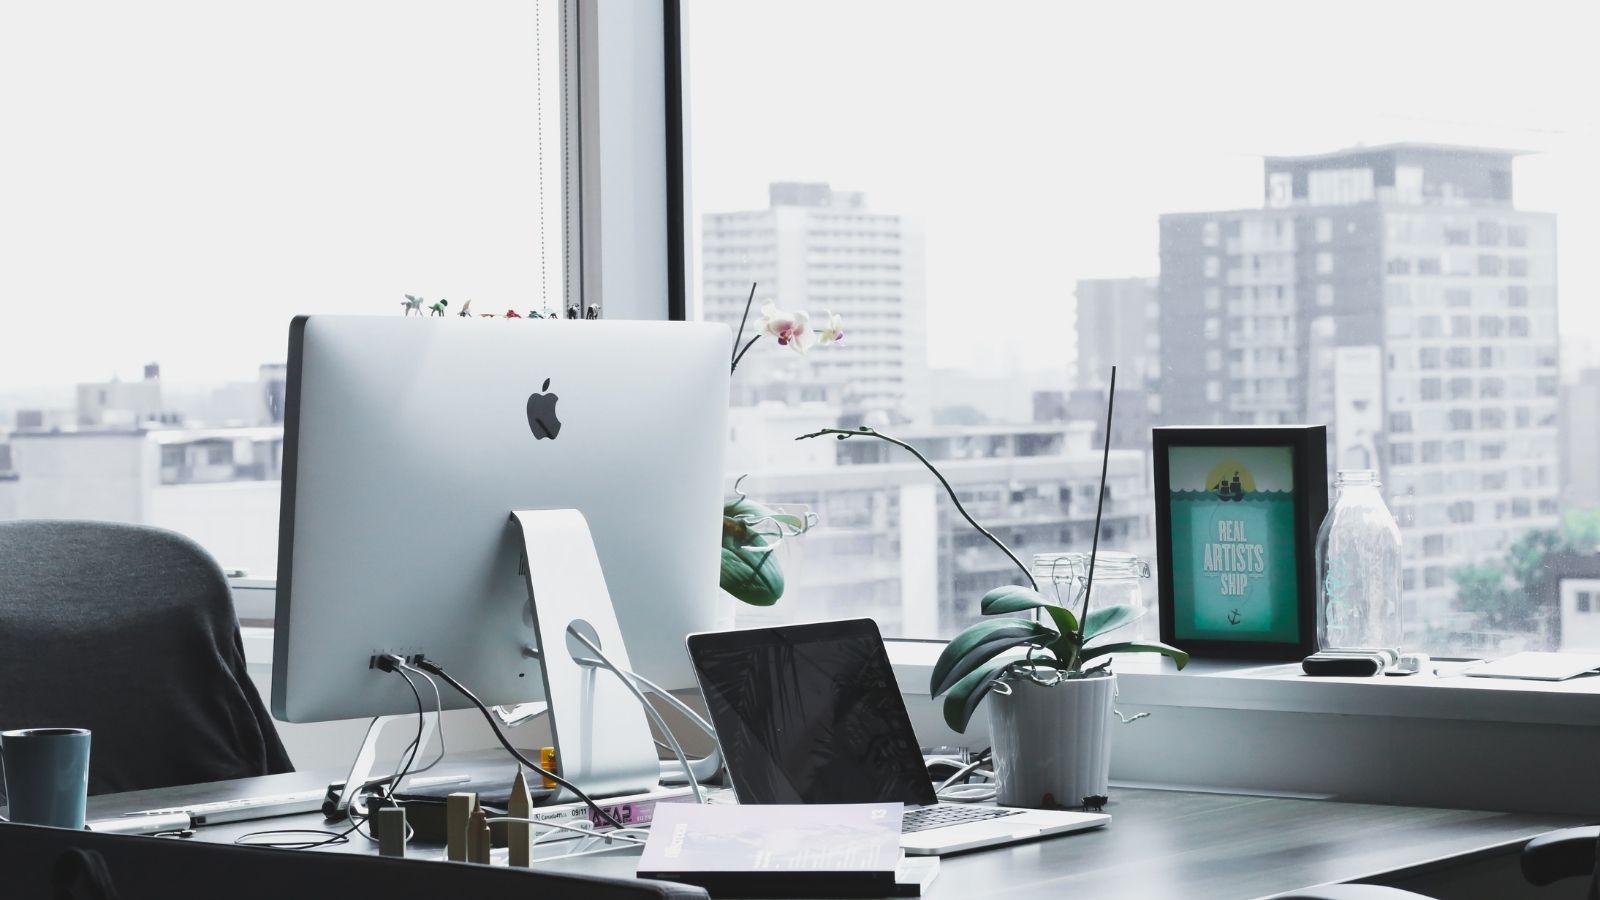 Już 64% polskich firm działa w chmurze [RAPORT] Technologie mediarun office